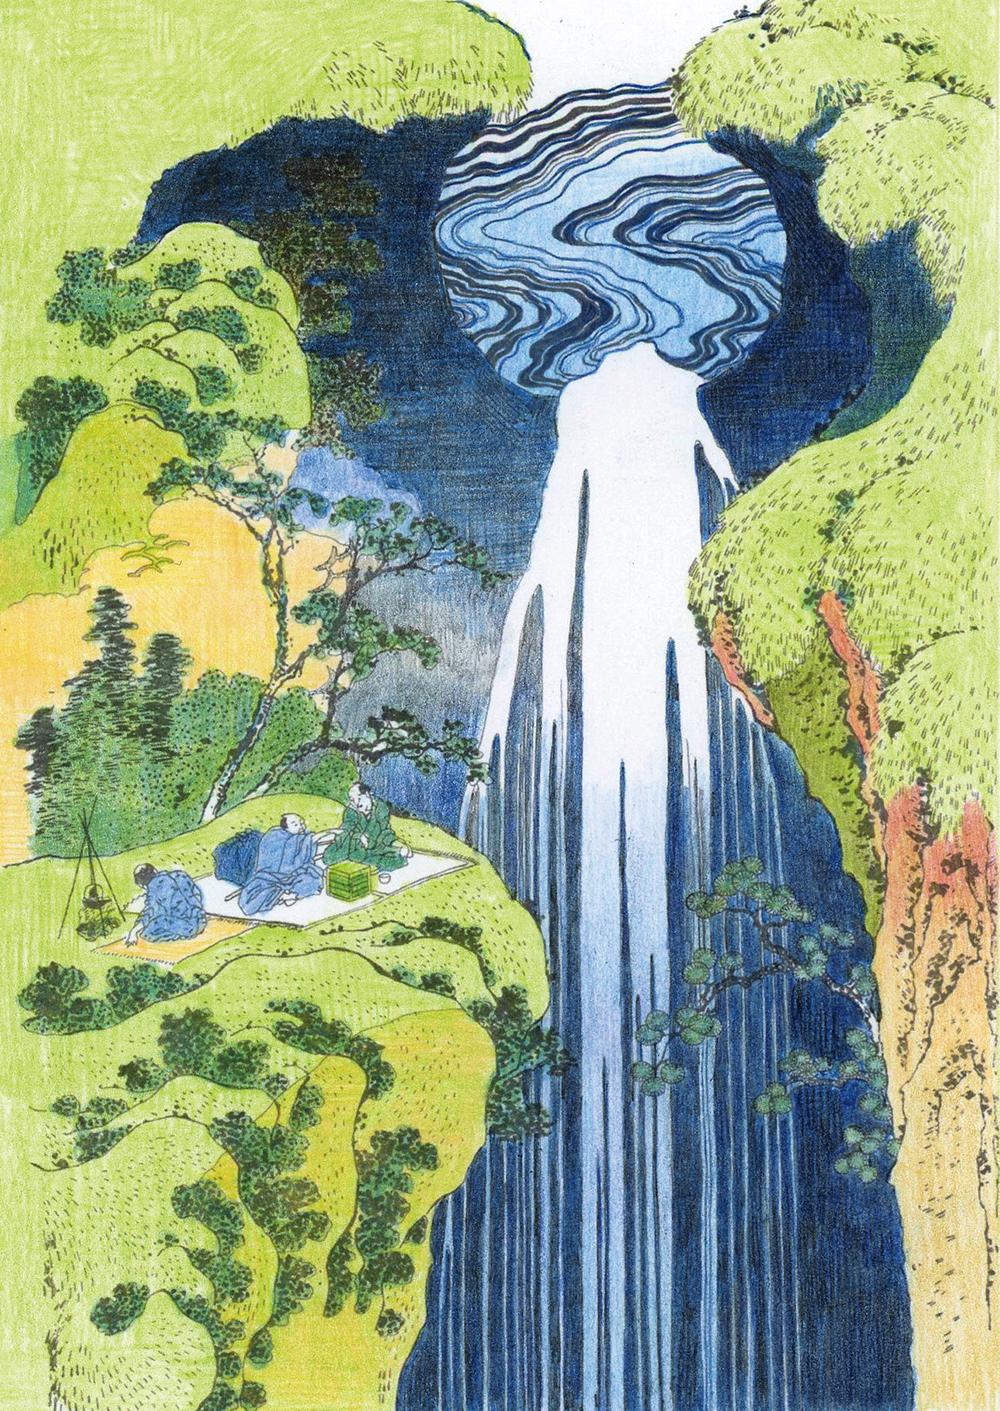 家の光2019年7月号付録塗り絵「木曽路ノ奥阿弥陀ヶ瀧」